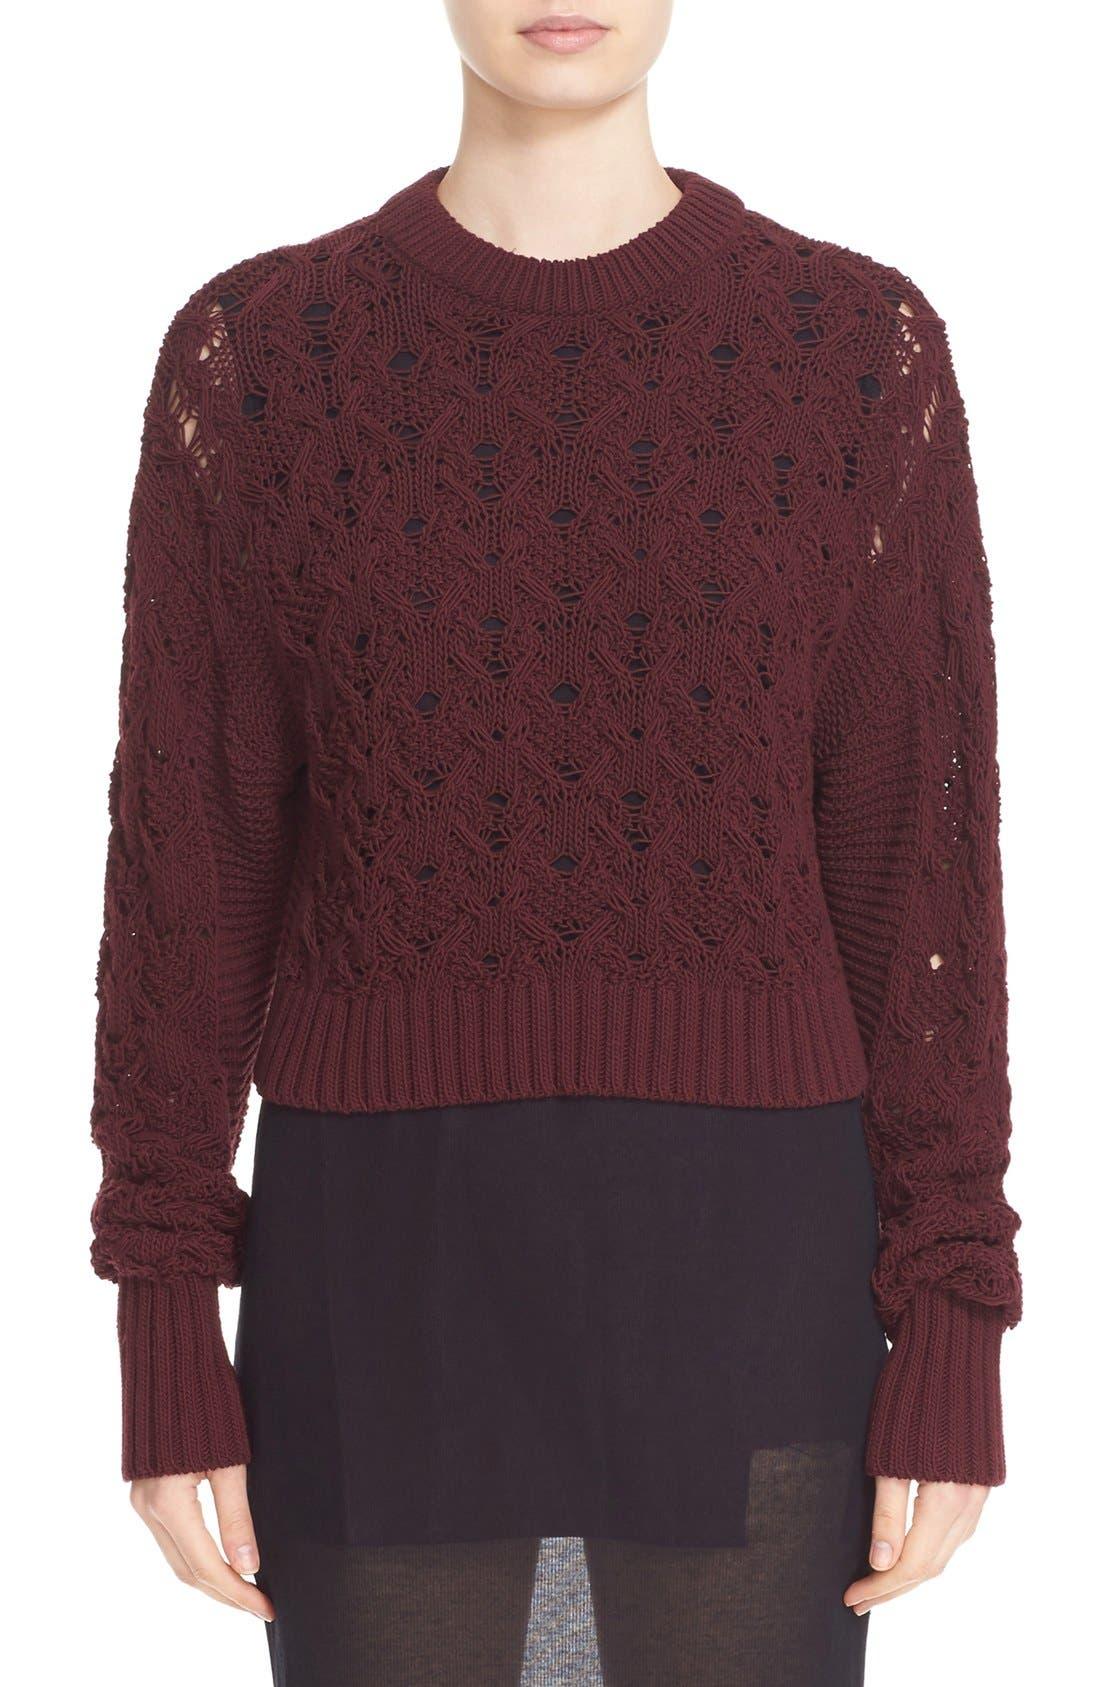 Main Image - Public School Cotton Blend Cable Knit Sweater